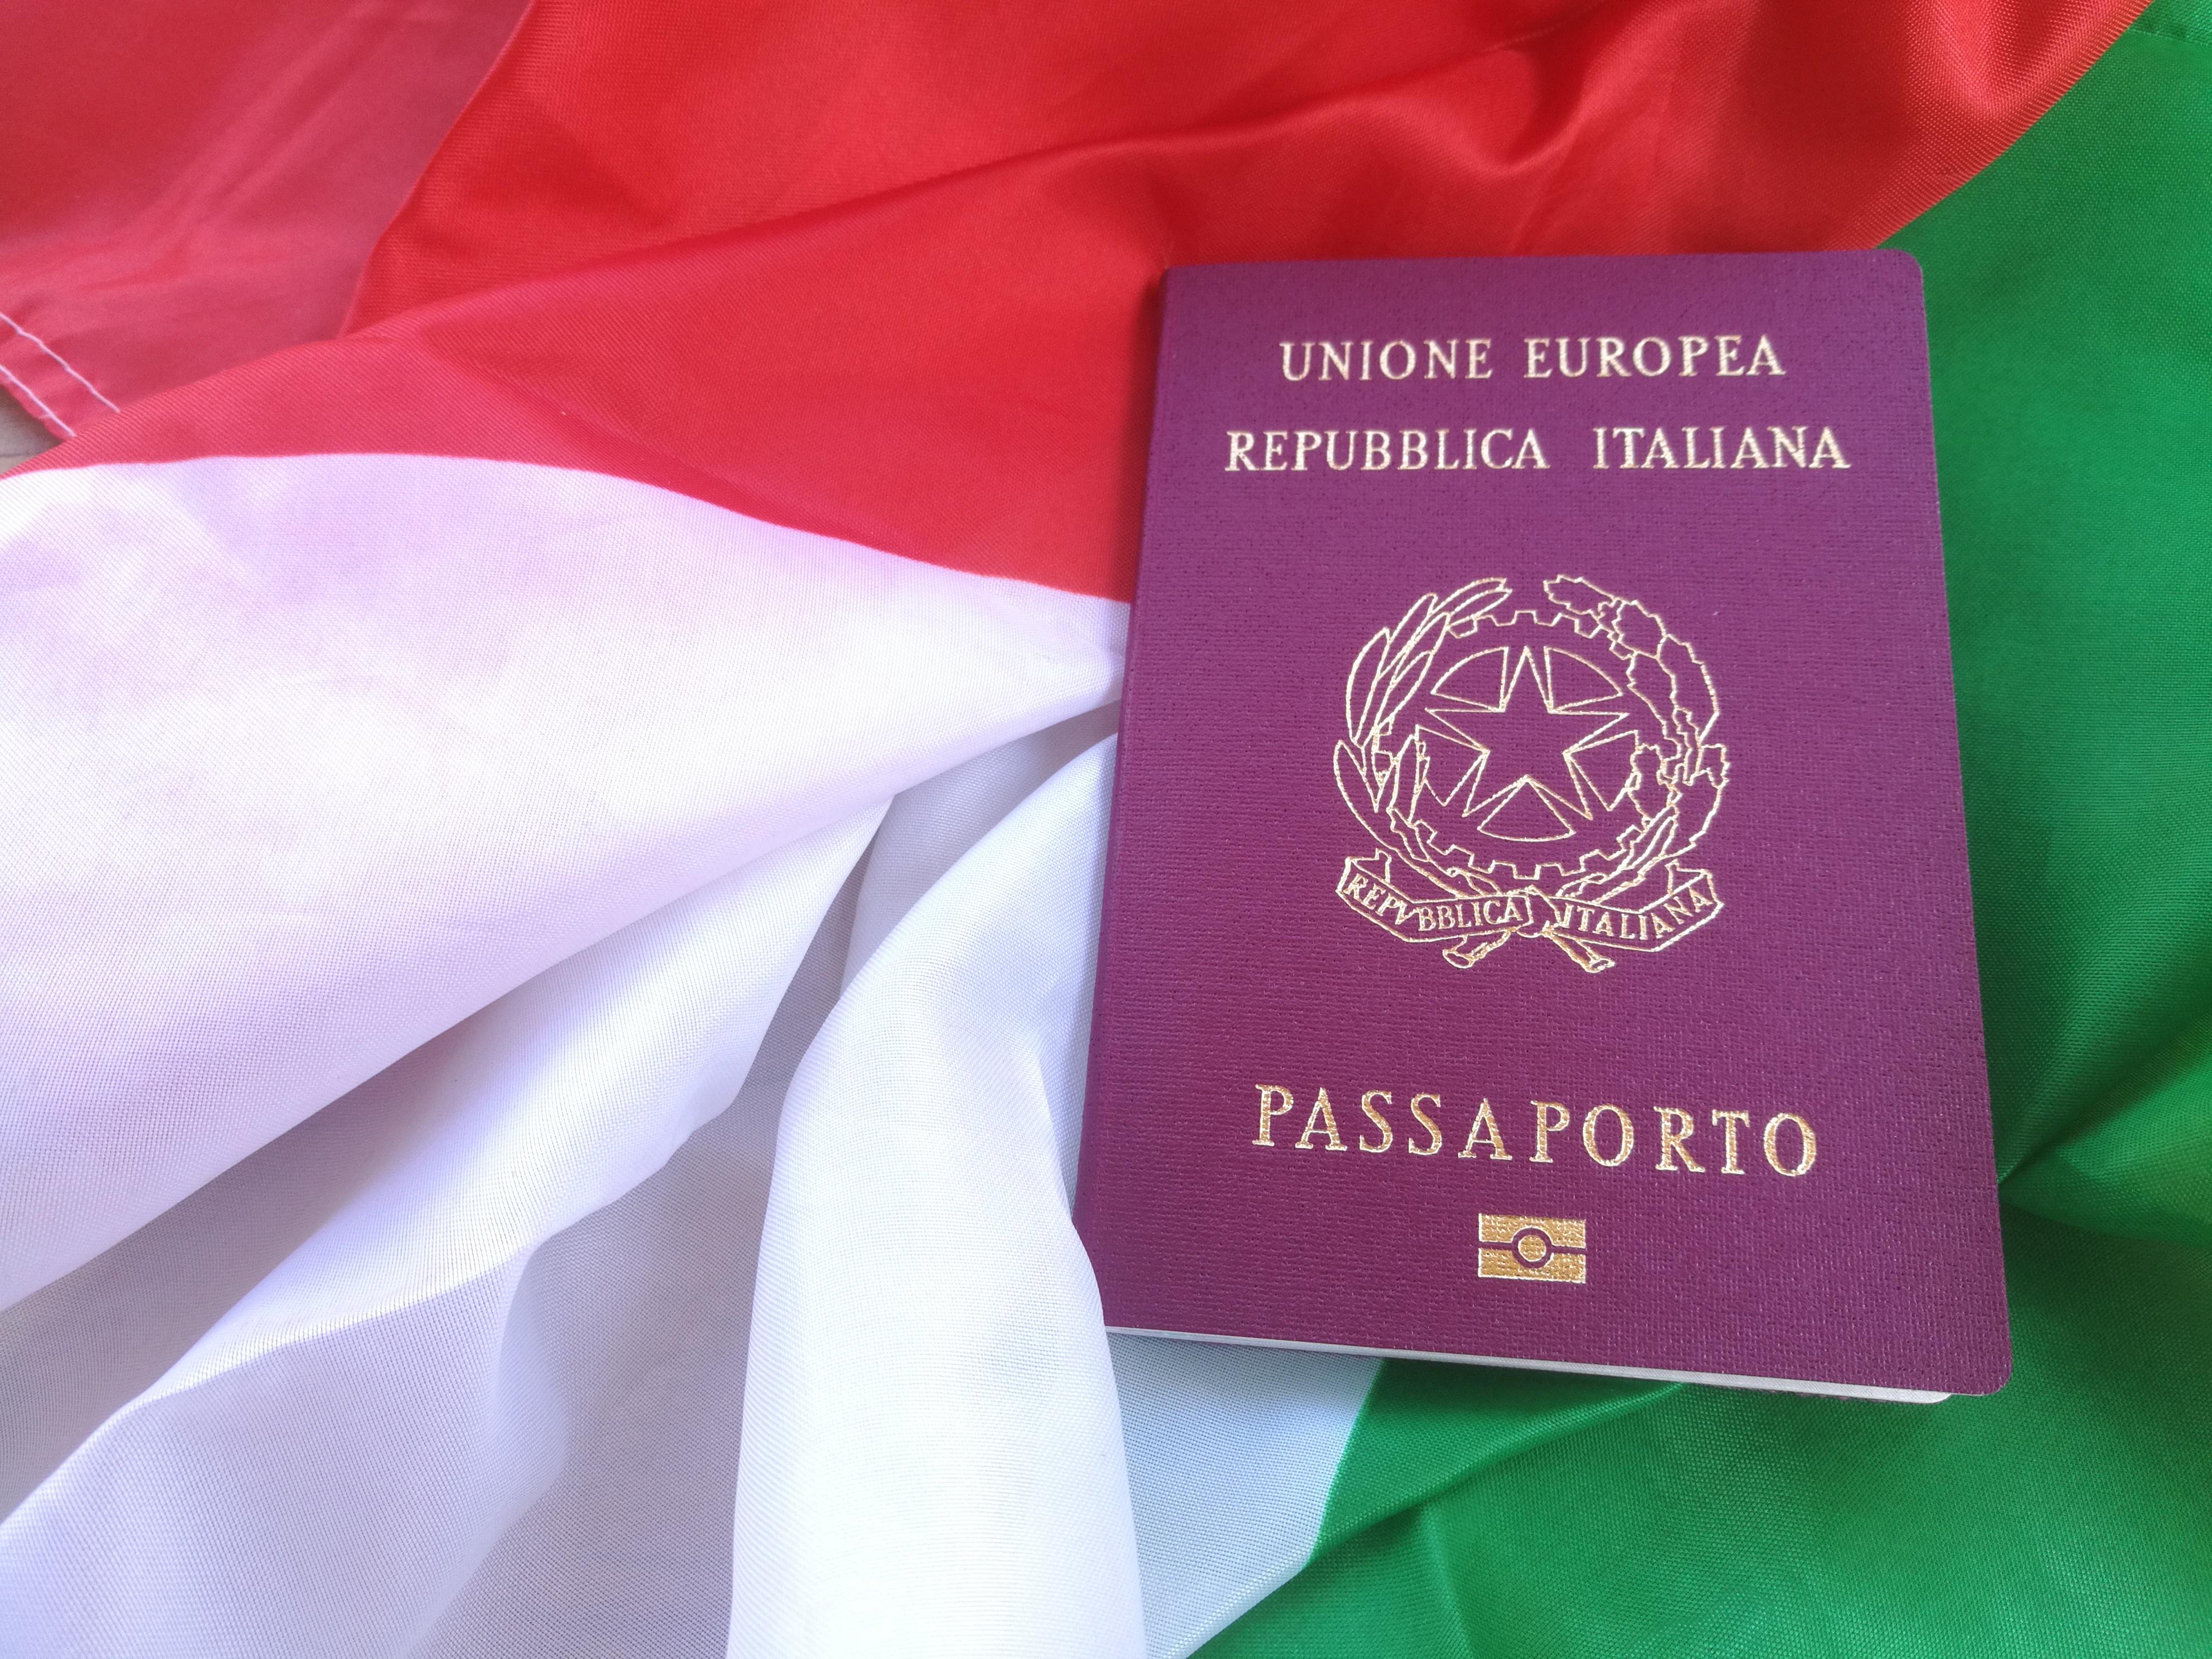 Флаг и паспорт Италии, гражданство которой могут получить иностранцы